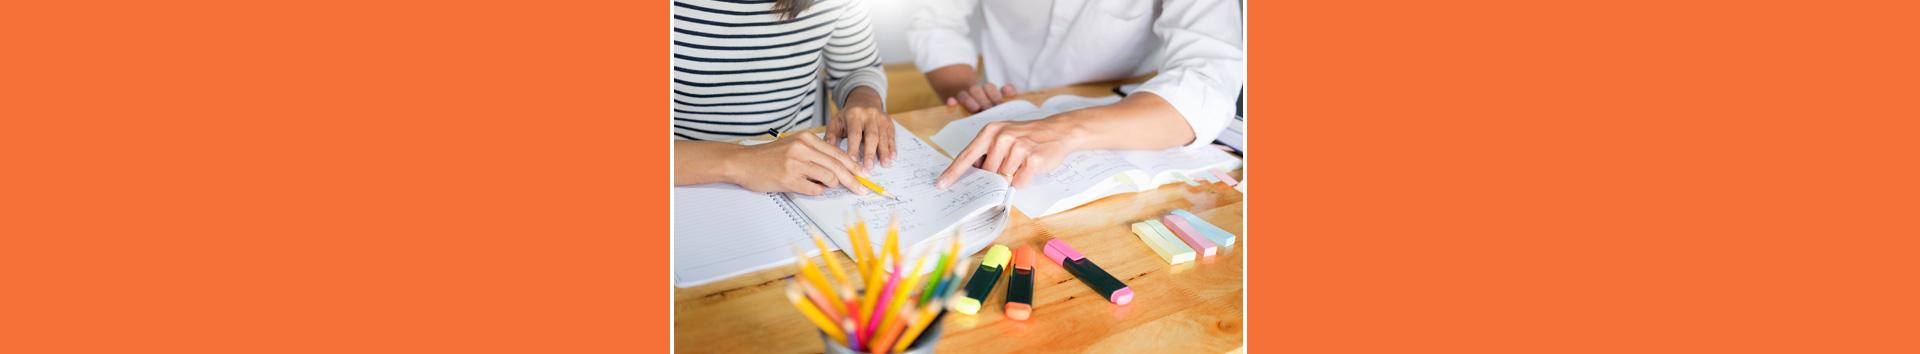 Eva Mosimann Mentoring für Fachleute Schulsozialarbeit und Soziale Arbeit